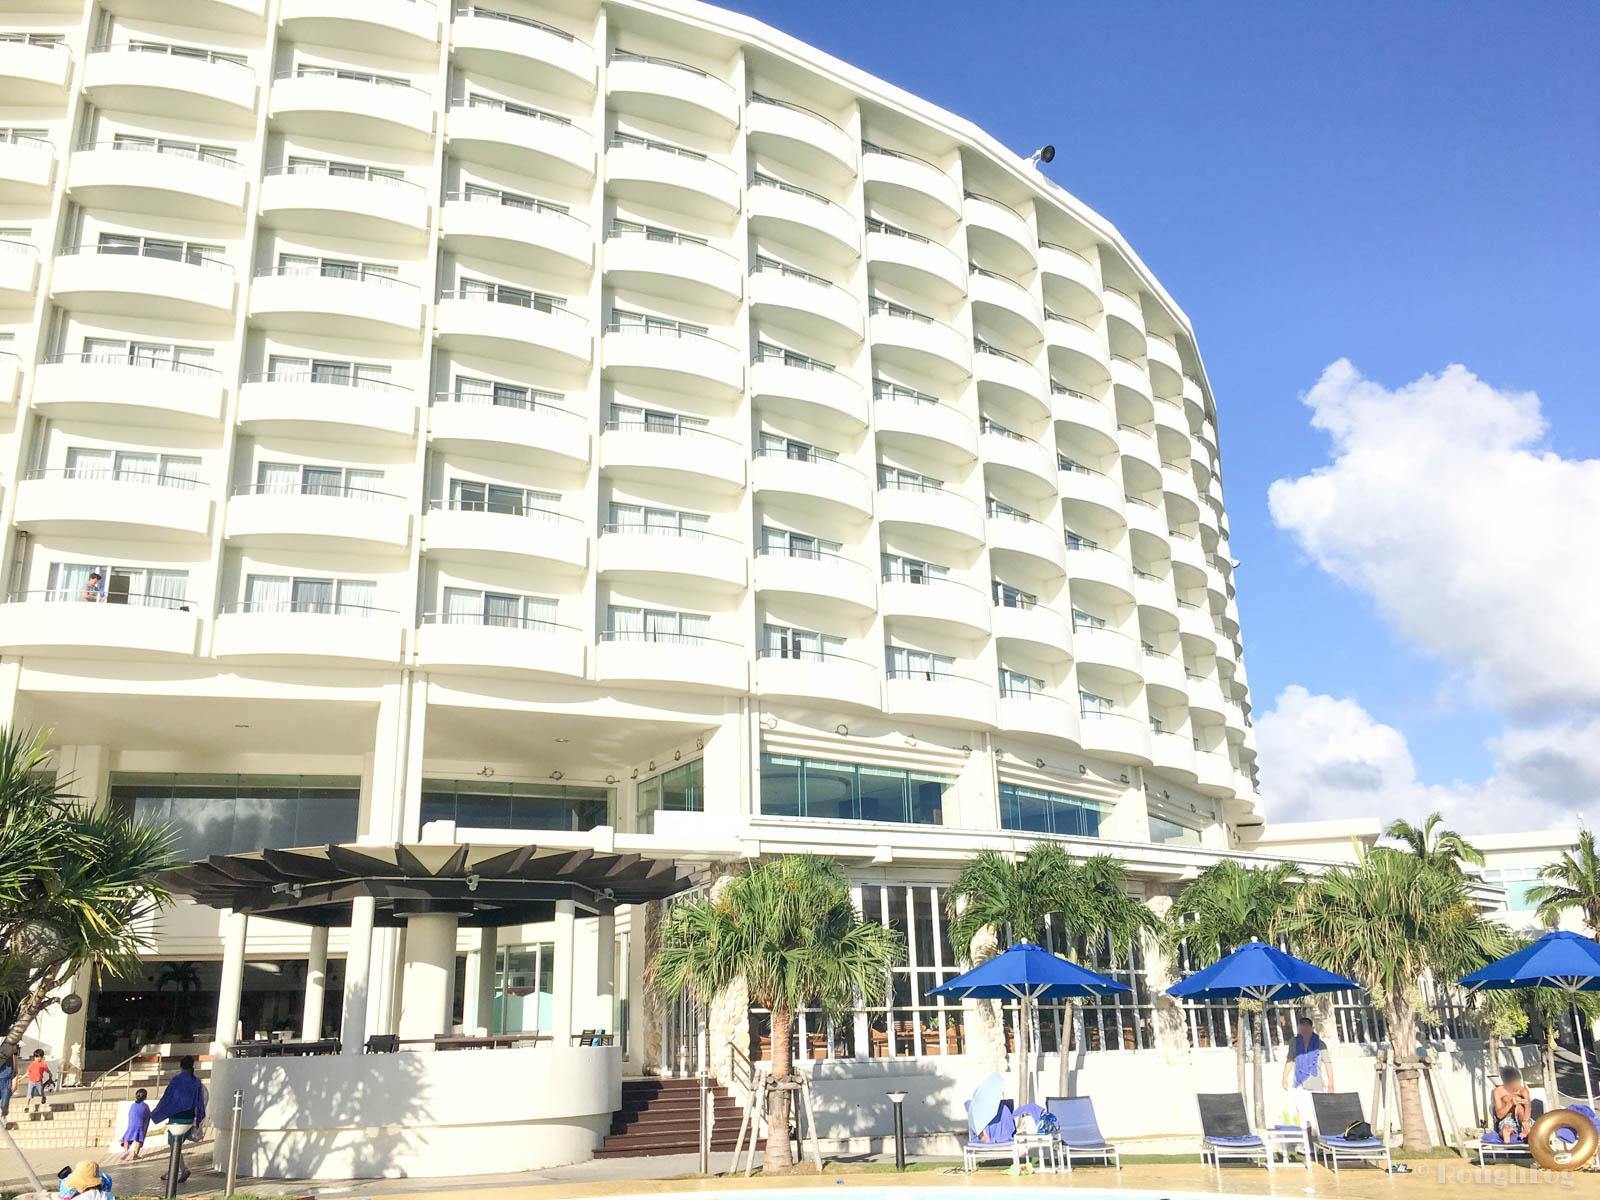 ANAインターコンチネンタル万座ビーチリゾートホテルの外観